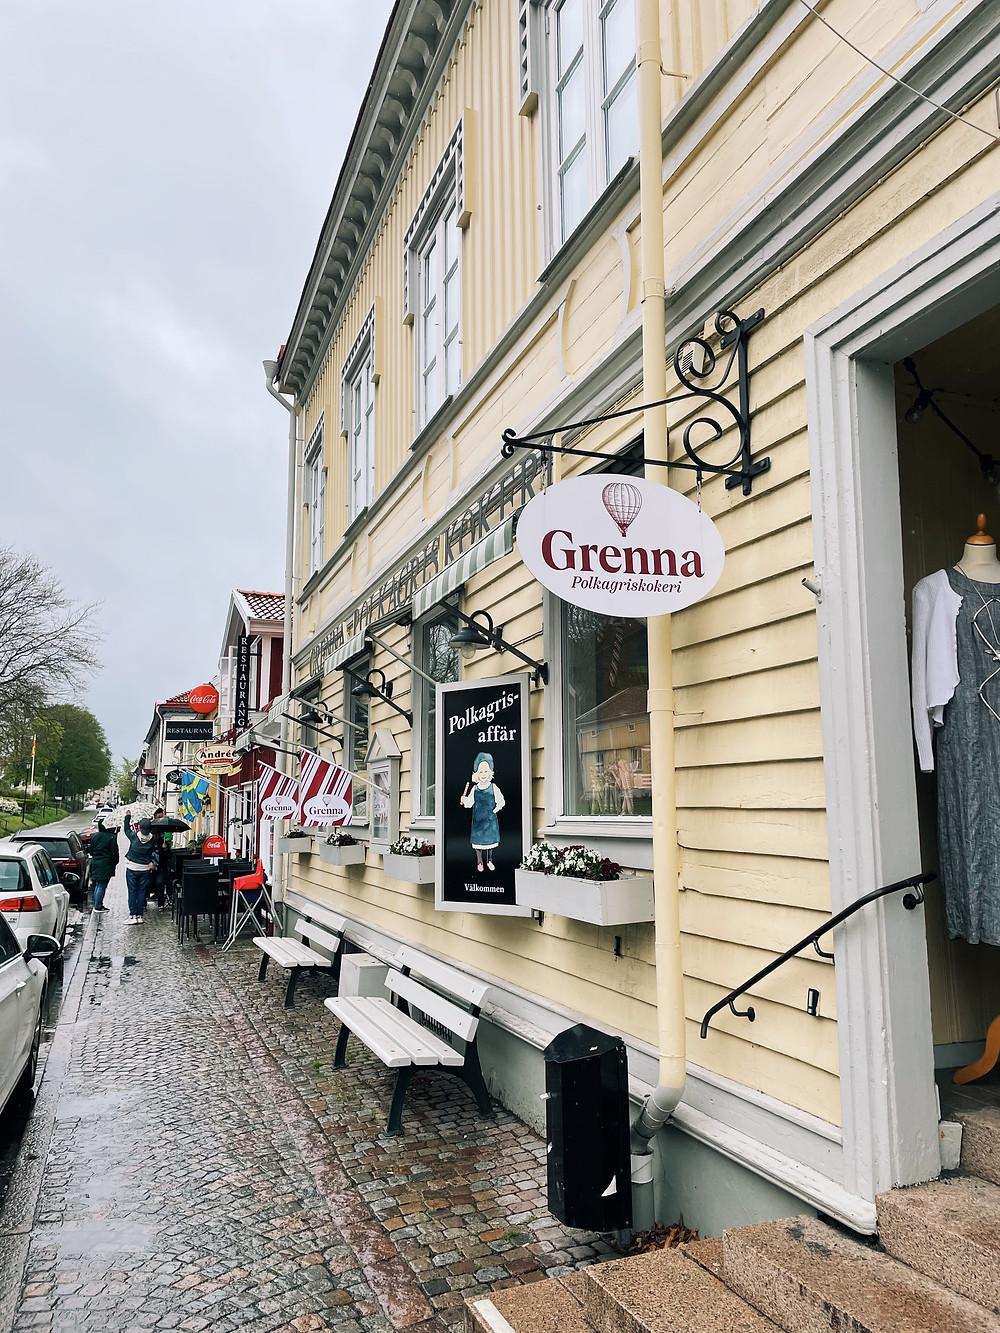 Gågatan i Gränna som kryllar av polkagrisbutiker.